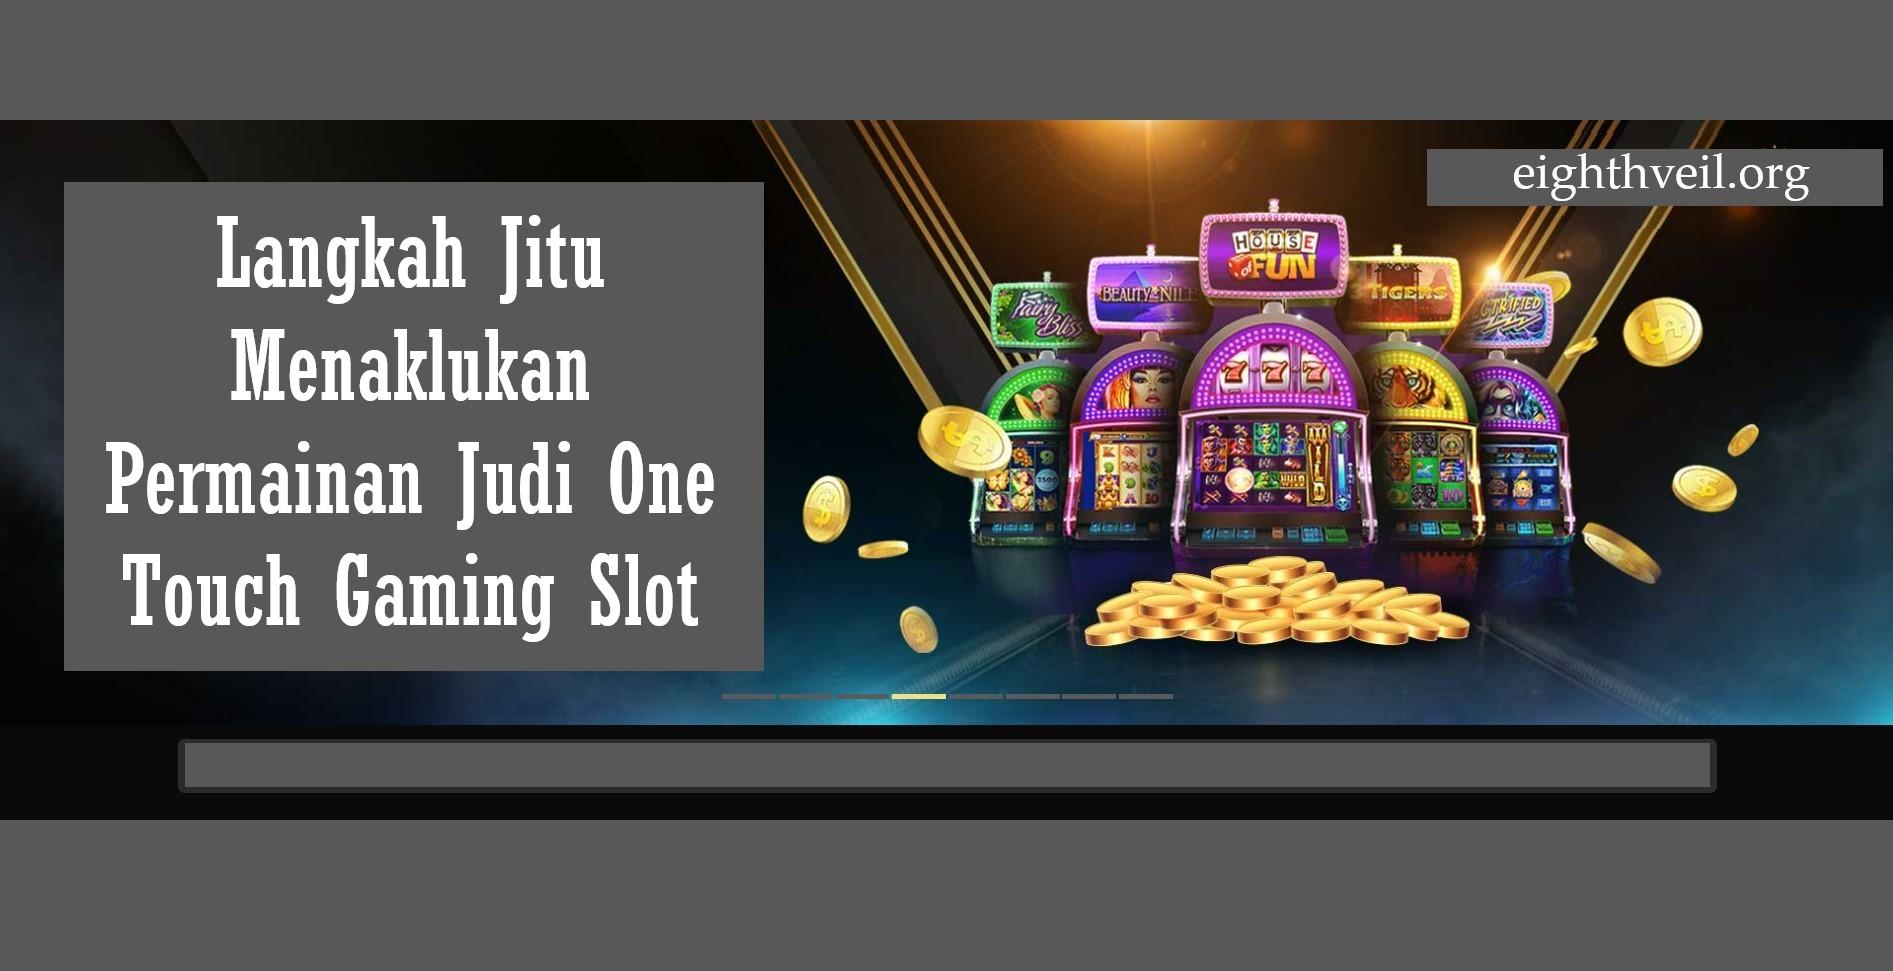 Langkah Jitu Menaklukan Permainan Judi One Touch Gaming Slot